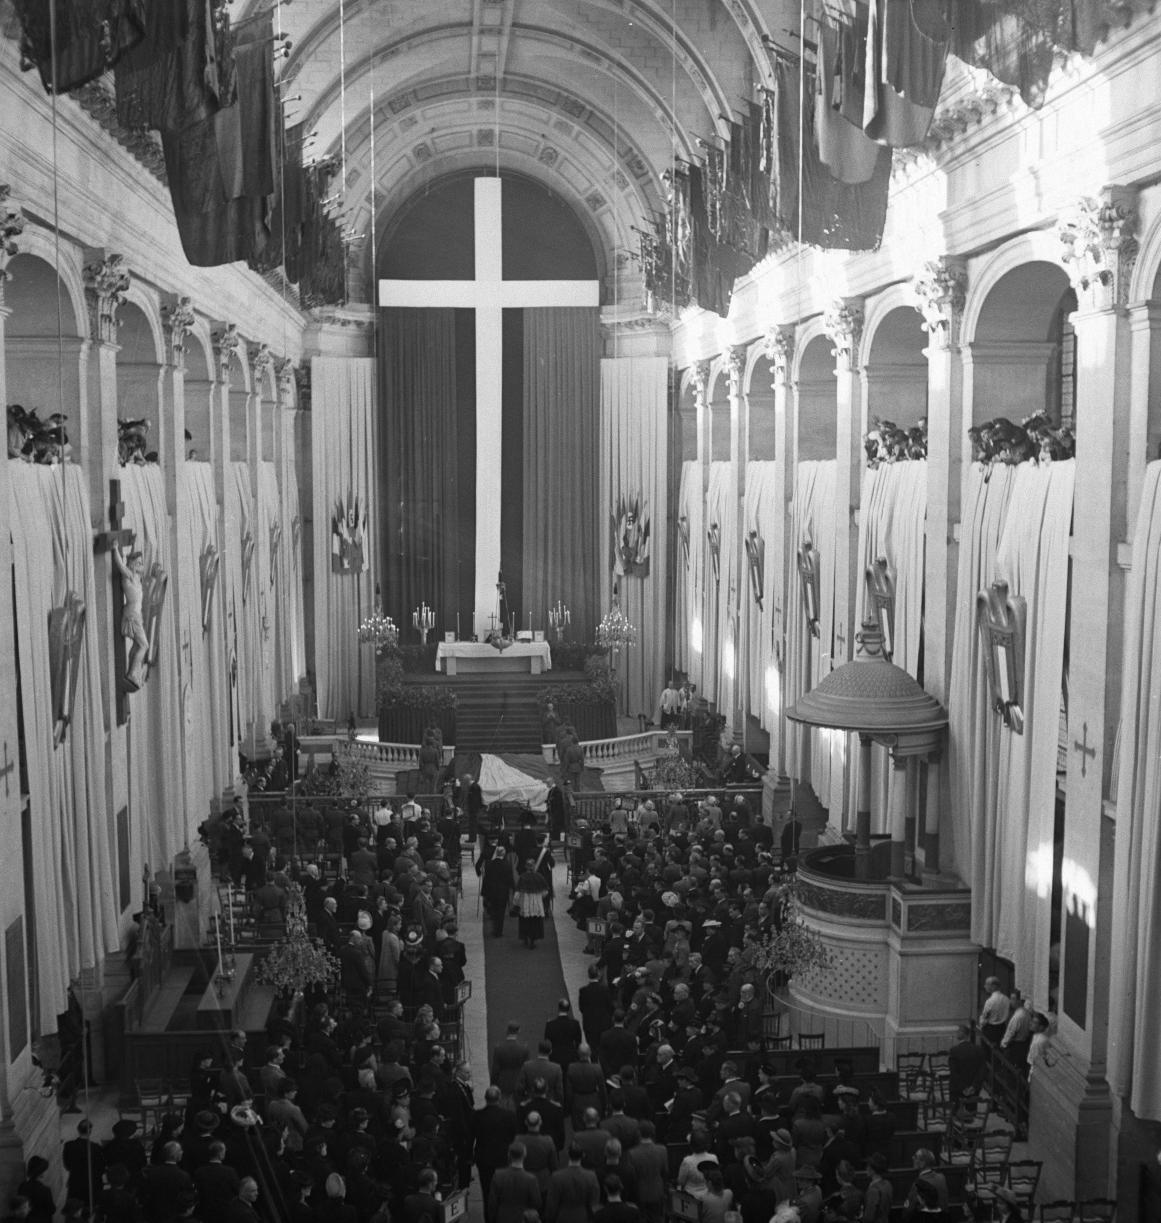 04. Церковь Сен-Луи де Инвалид великолепно оформлена к празднику. Огромный белый крест на синем и красном фоне